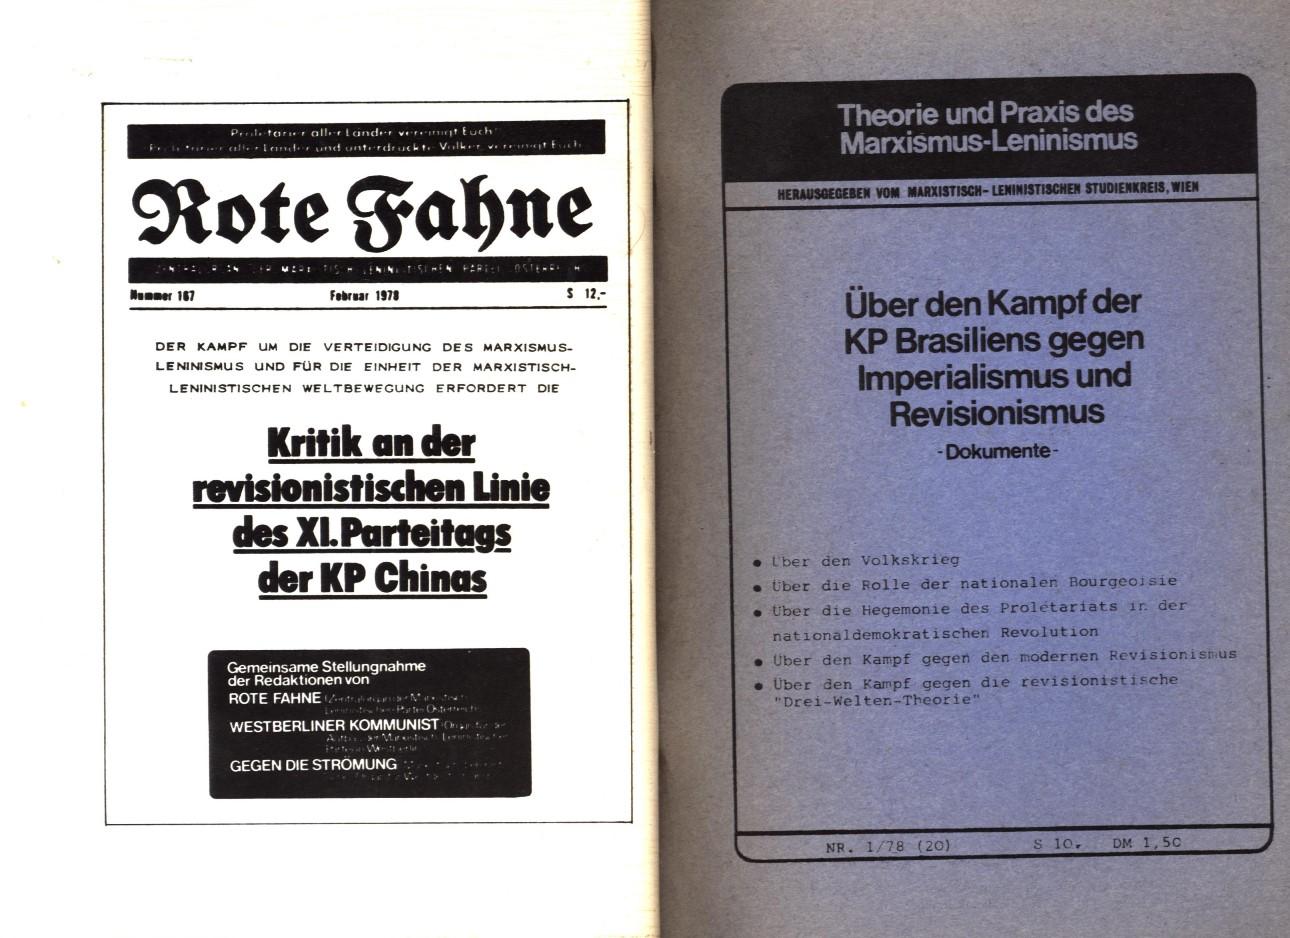 MLSK_Theorie_und_Praxis_des_ML_1978_21_60